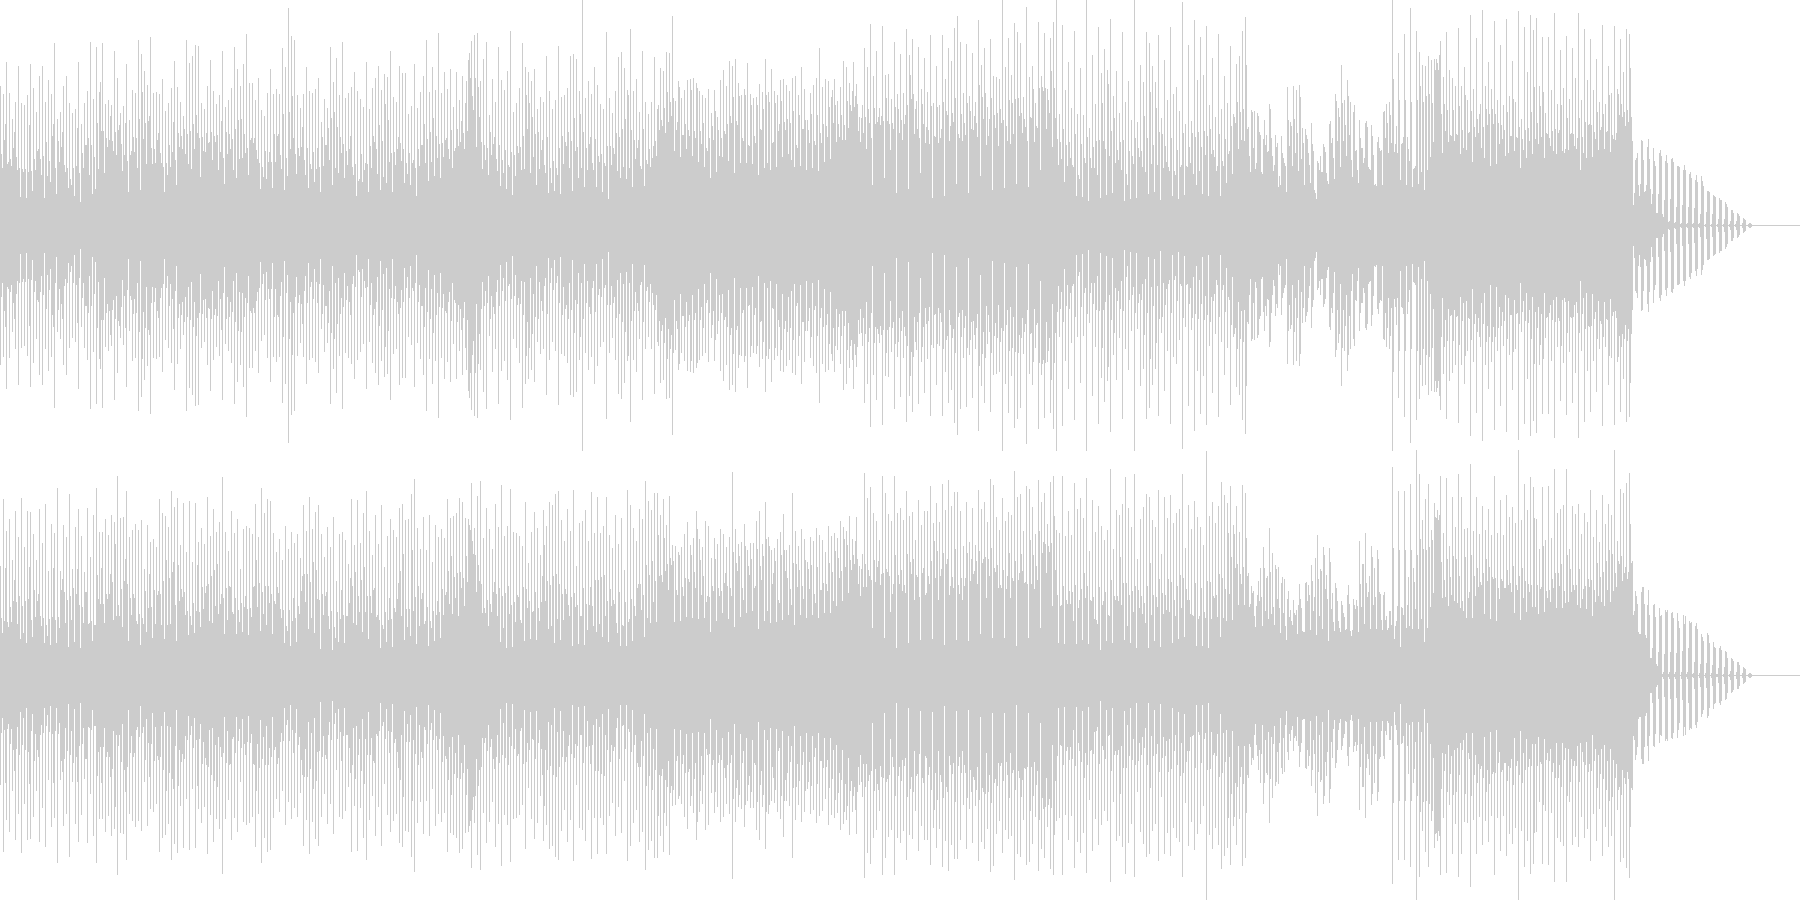 明るく爽やかなEDM系のBGMの未再生の波形